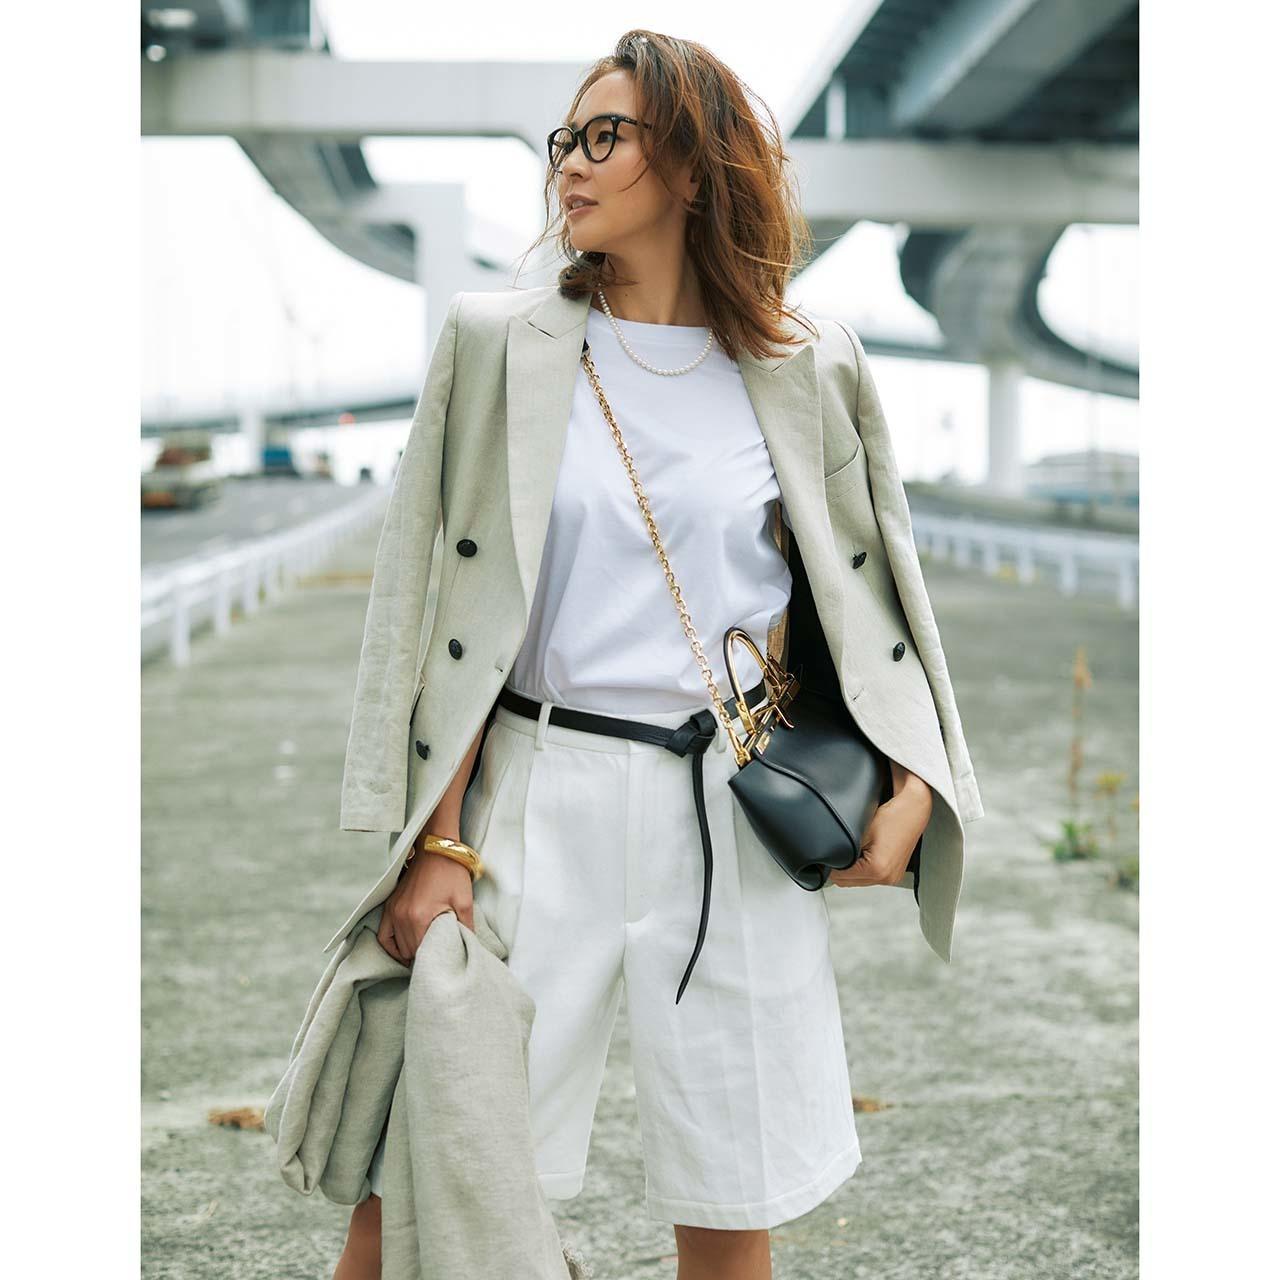 白Tシャツ×ジャケット×白のショートパンツコーデ